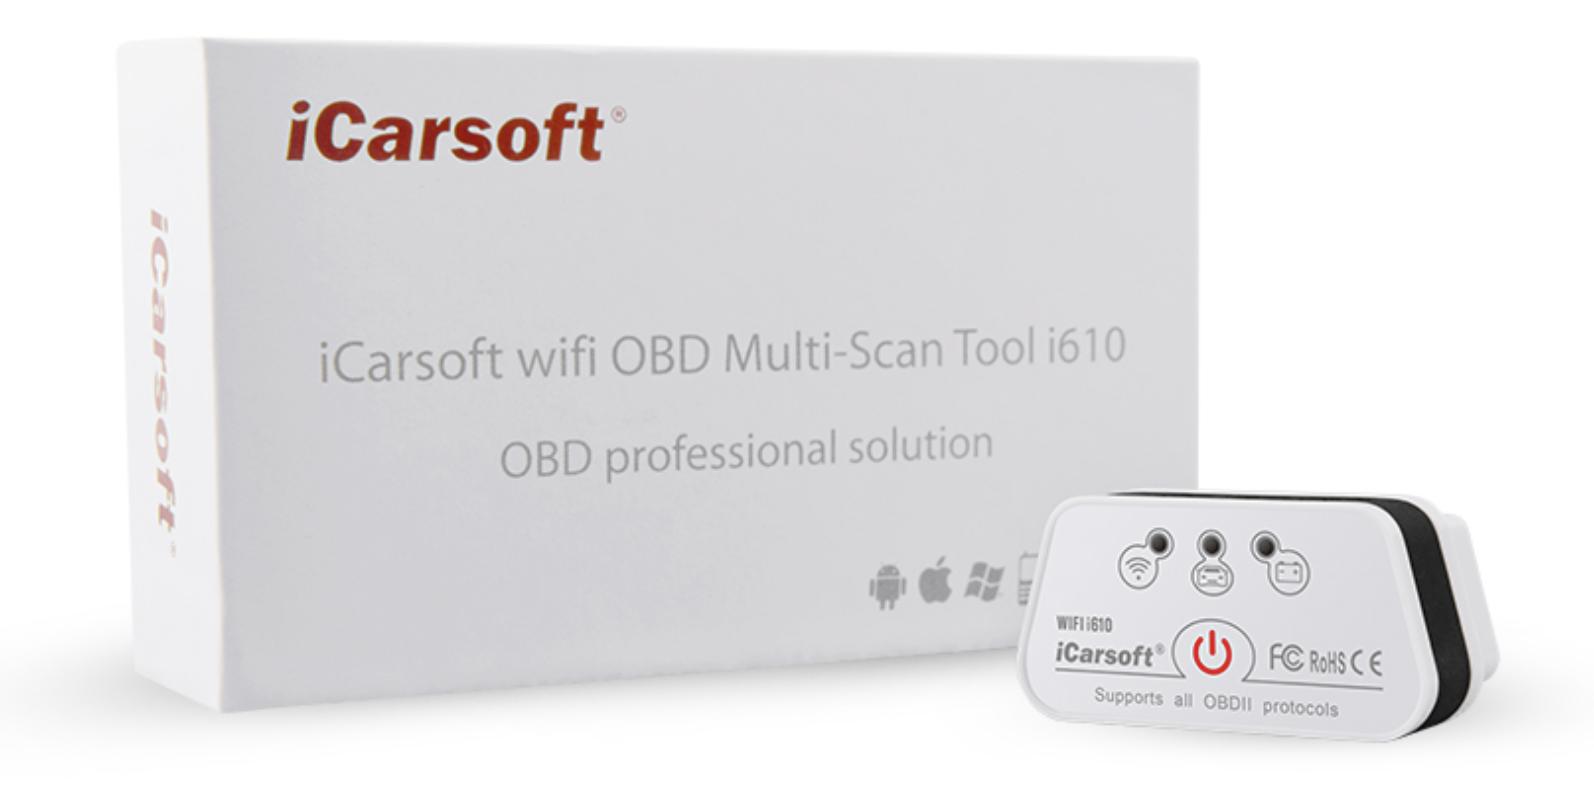 iCarsoft i610 Wifi